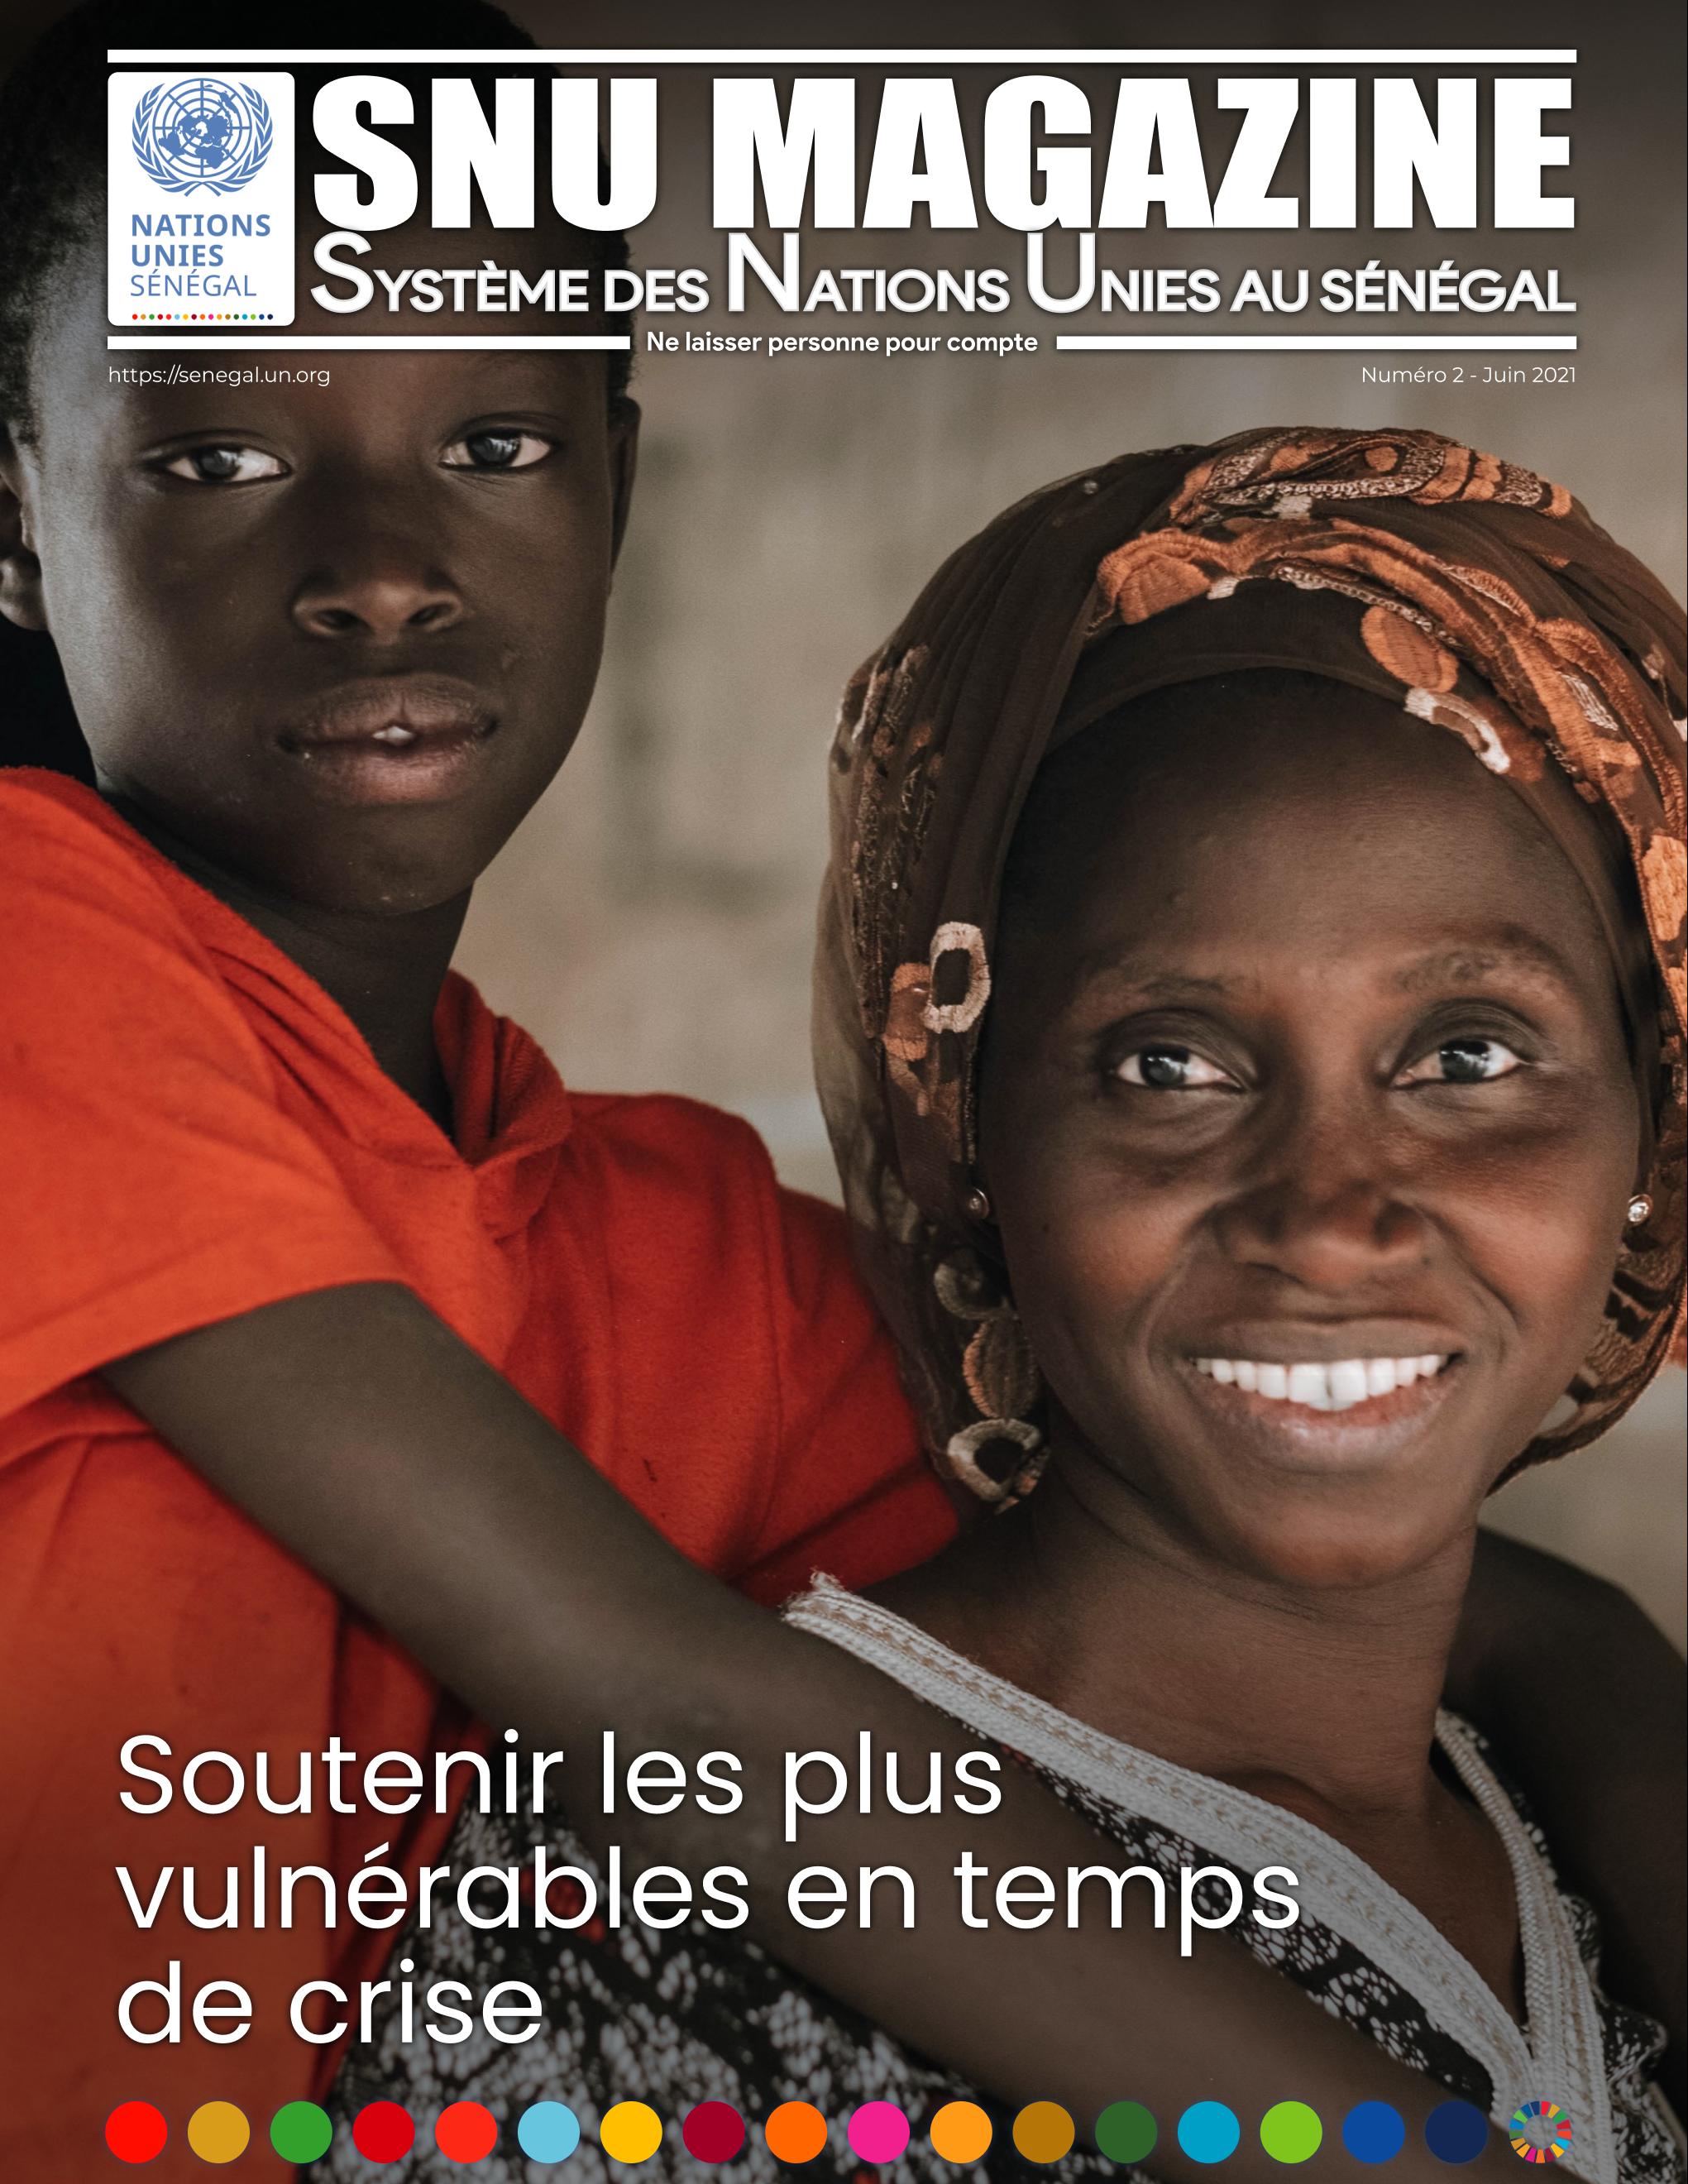 Première page du MAGAZINE du SNU du mois de Juin 2021